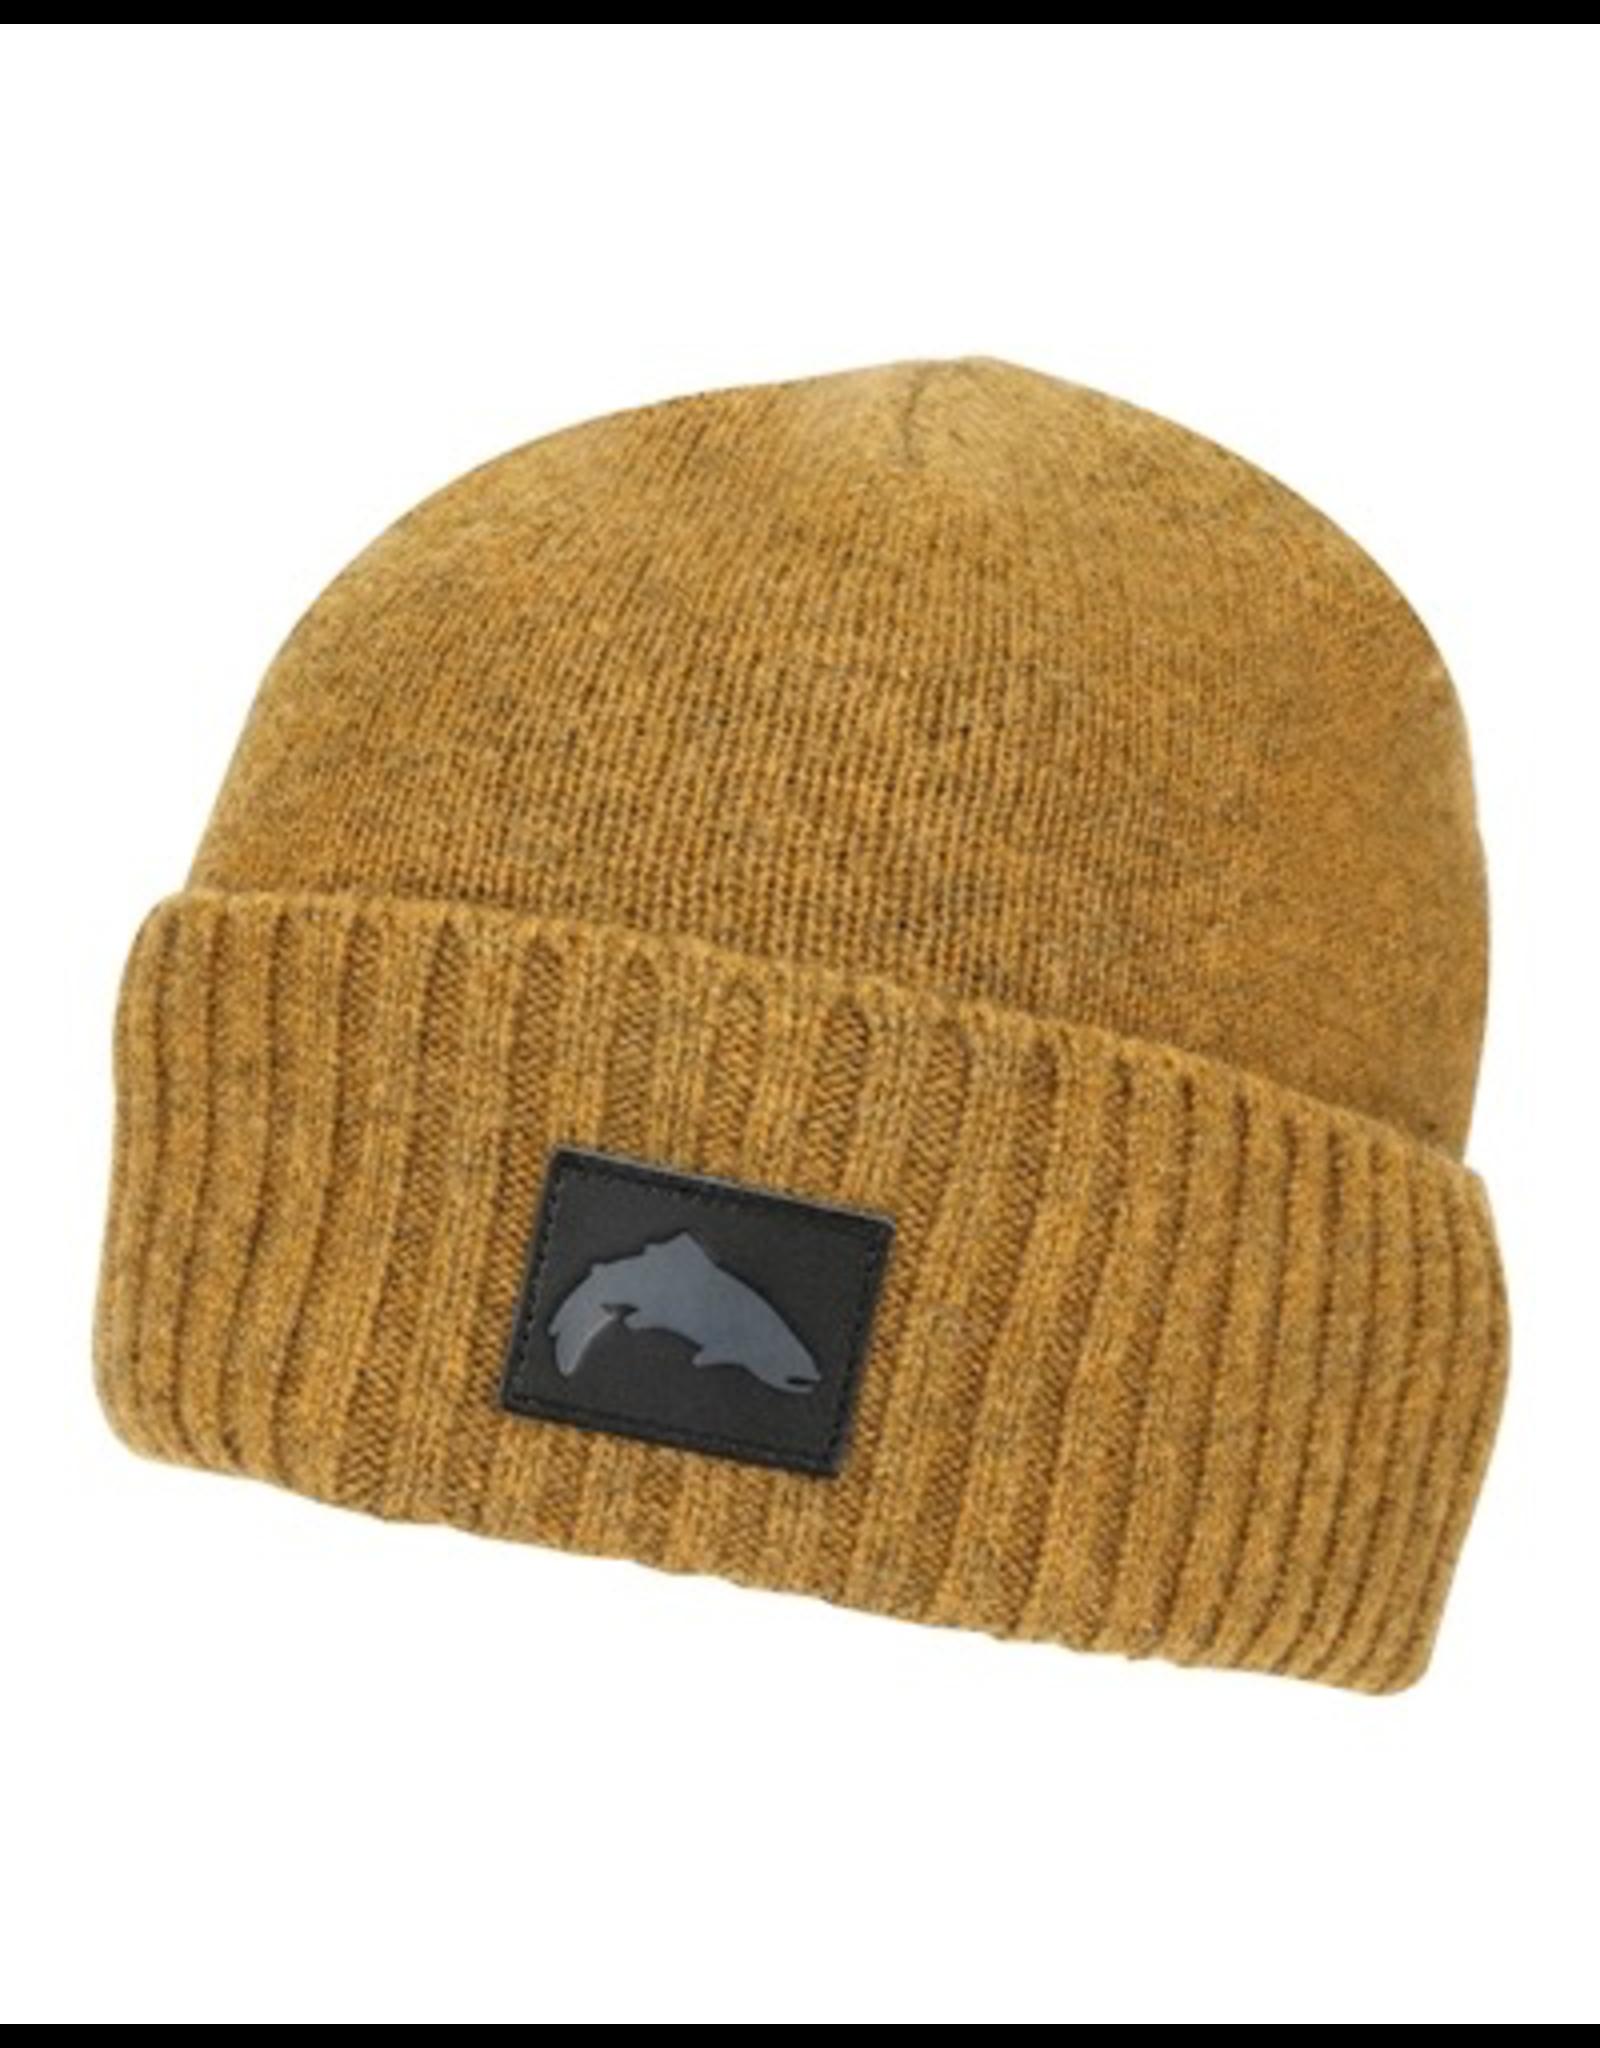 Simms Dockwear Wool Beanie